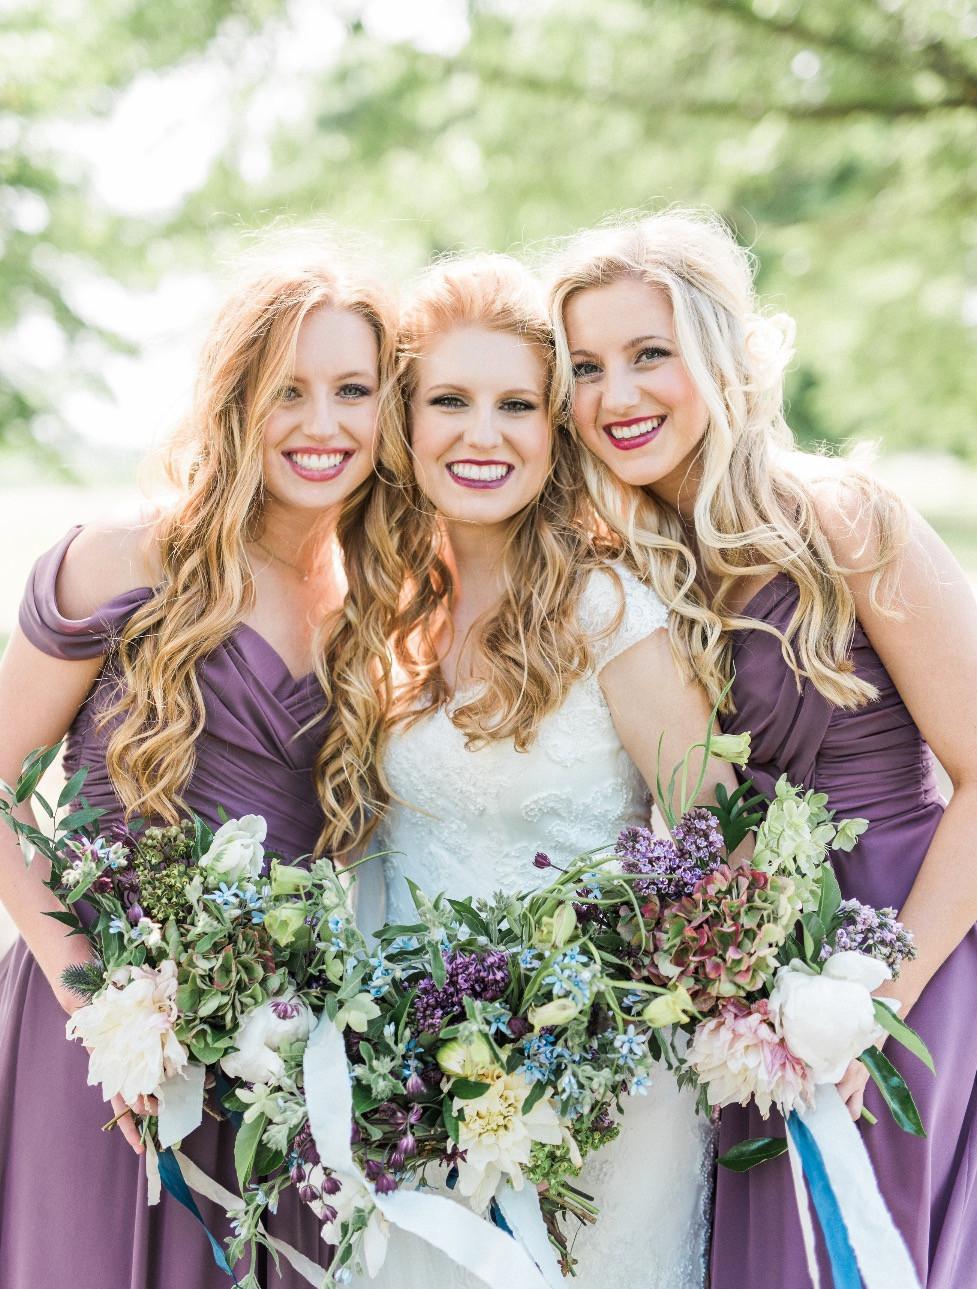 brides bridemaids bouquets